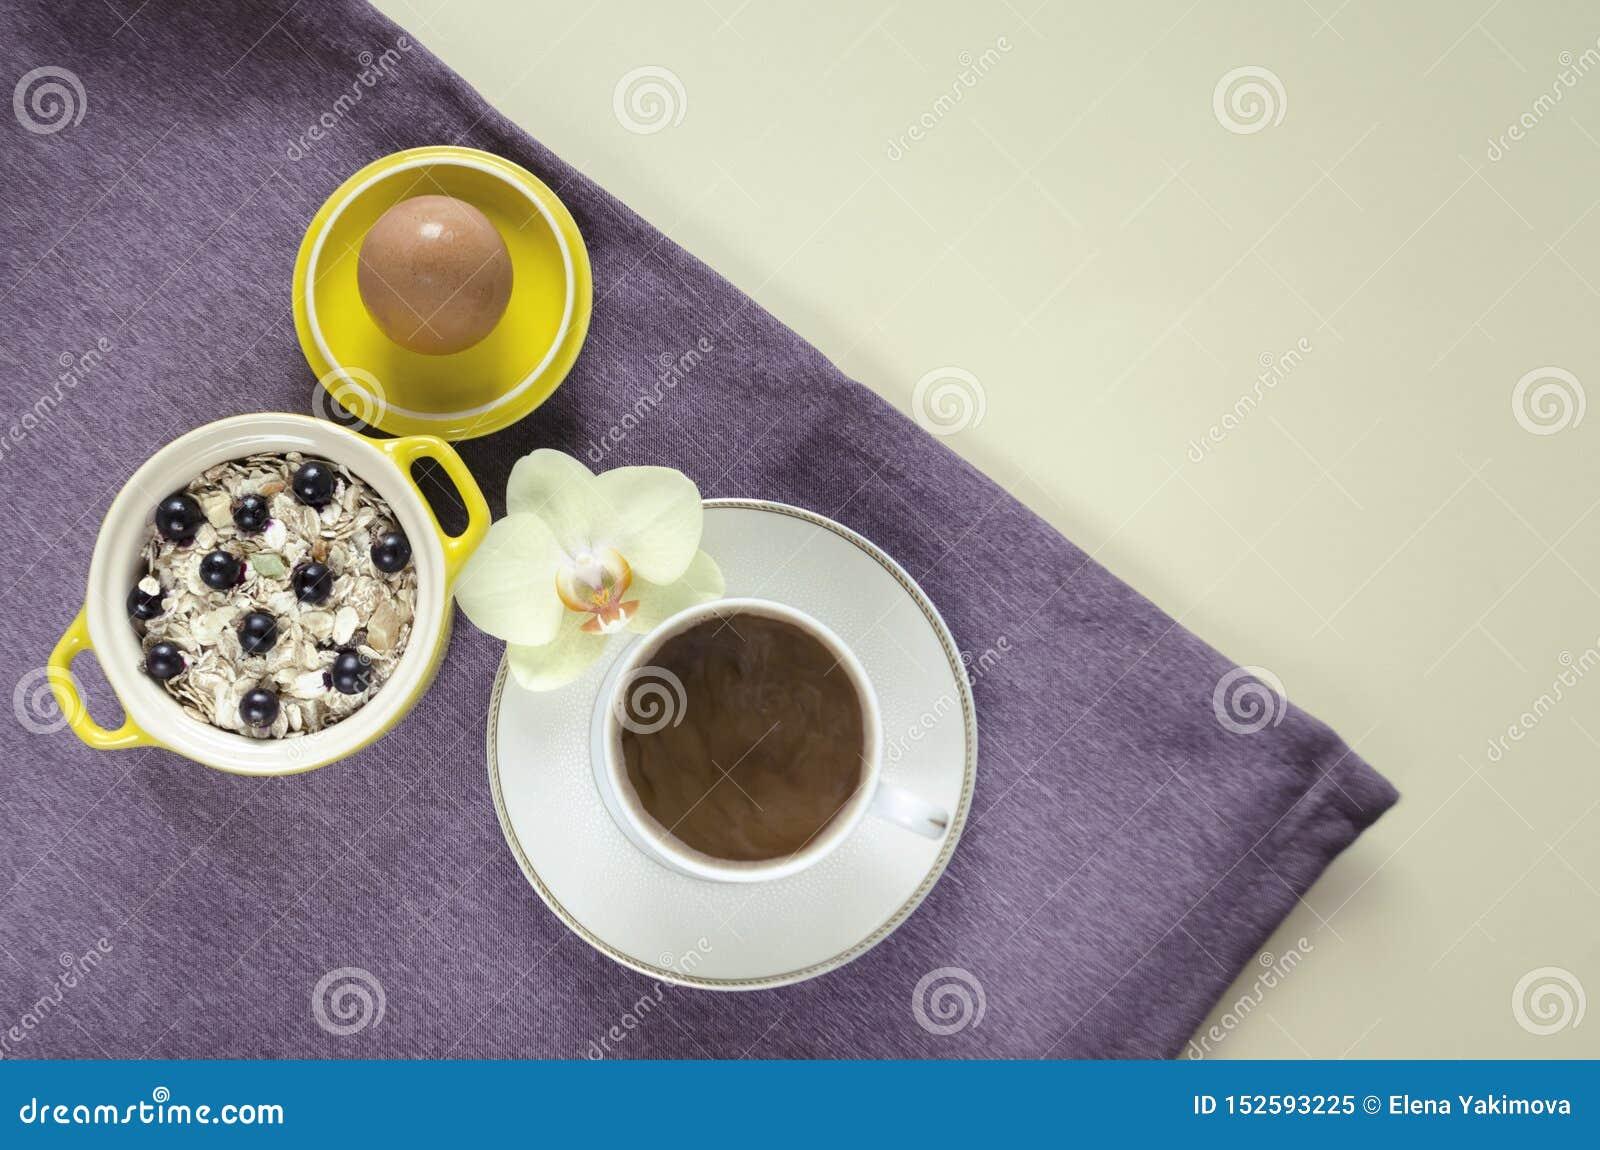 Завтрак в кровати взгляд сверху на подносе овсяной каши в желтом баке, muesli со свежими голубиками, яйца, кофе с молоком на пурп